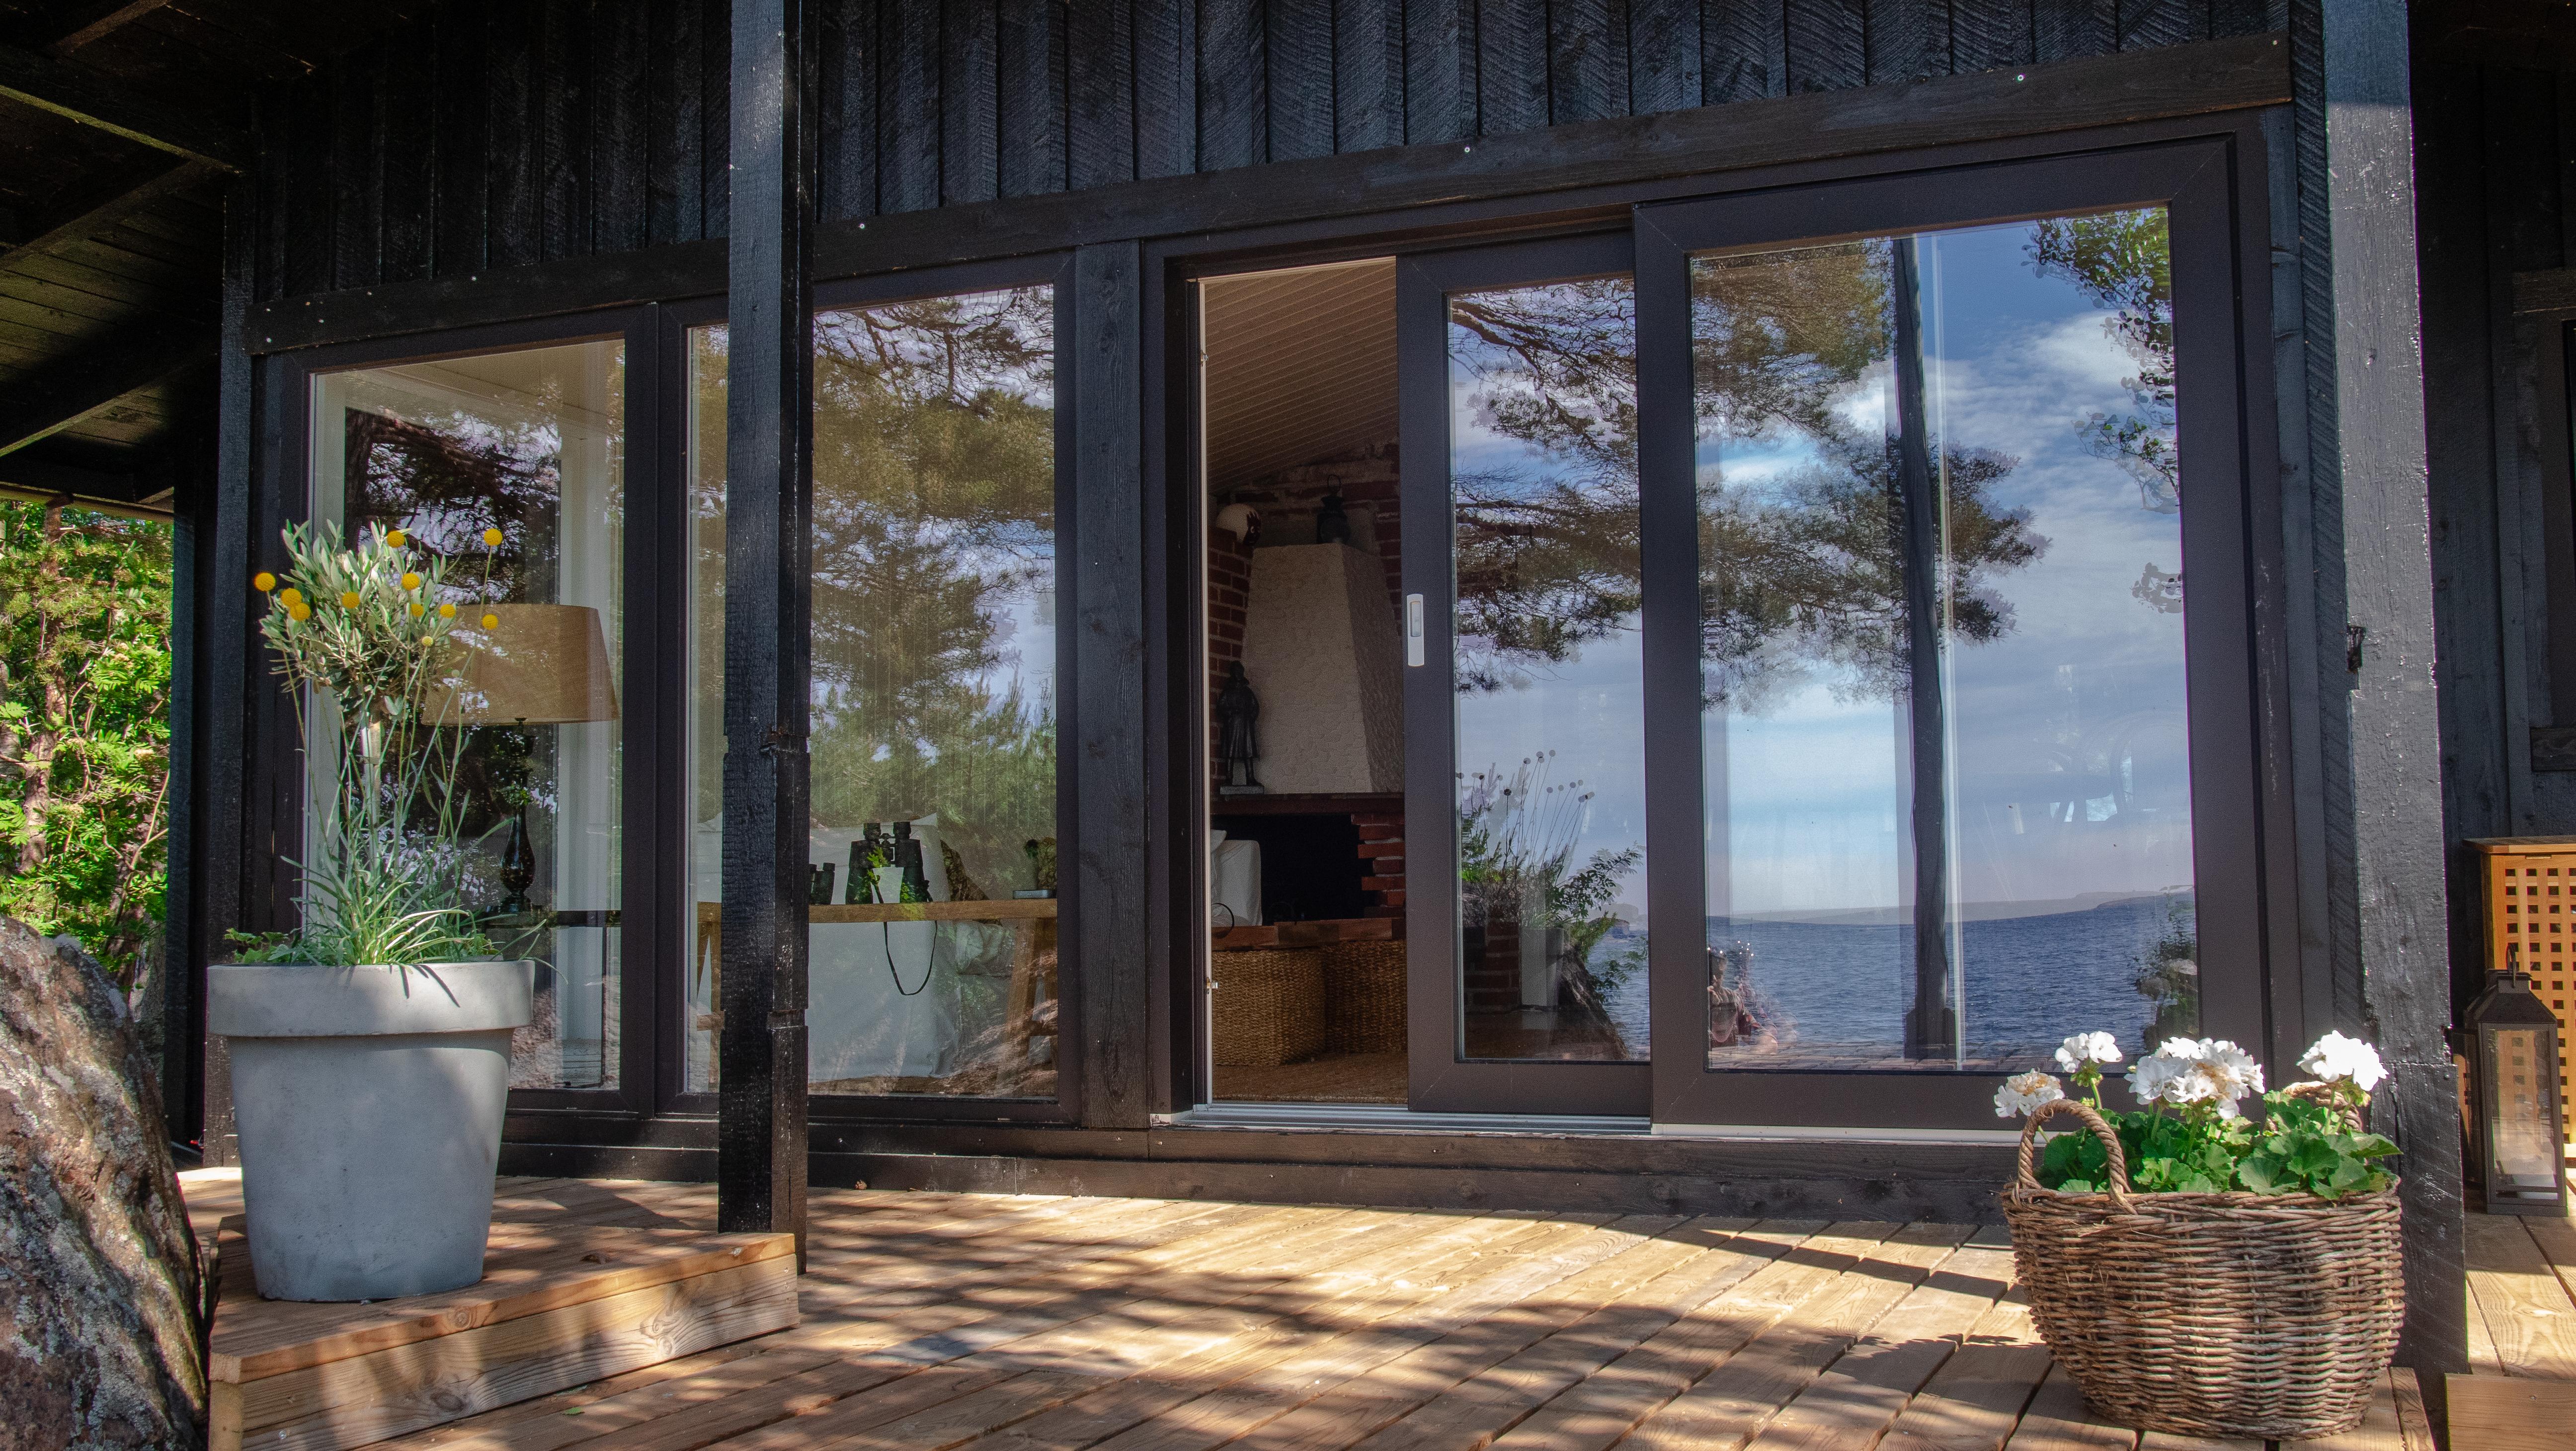 Vanhasta mökkirakennuksesta saatiin suurilla lasipinnoilla modernin näköinen kohde